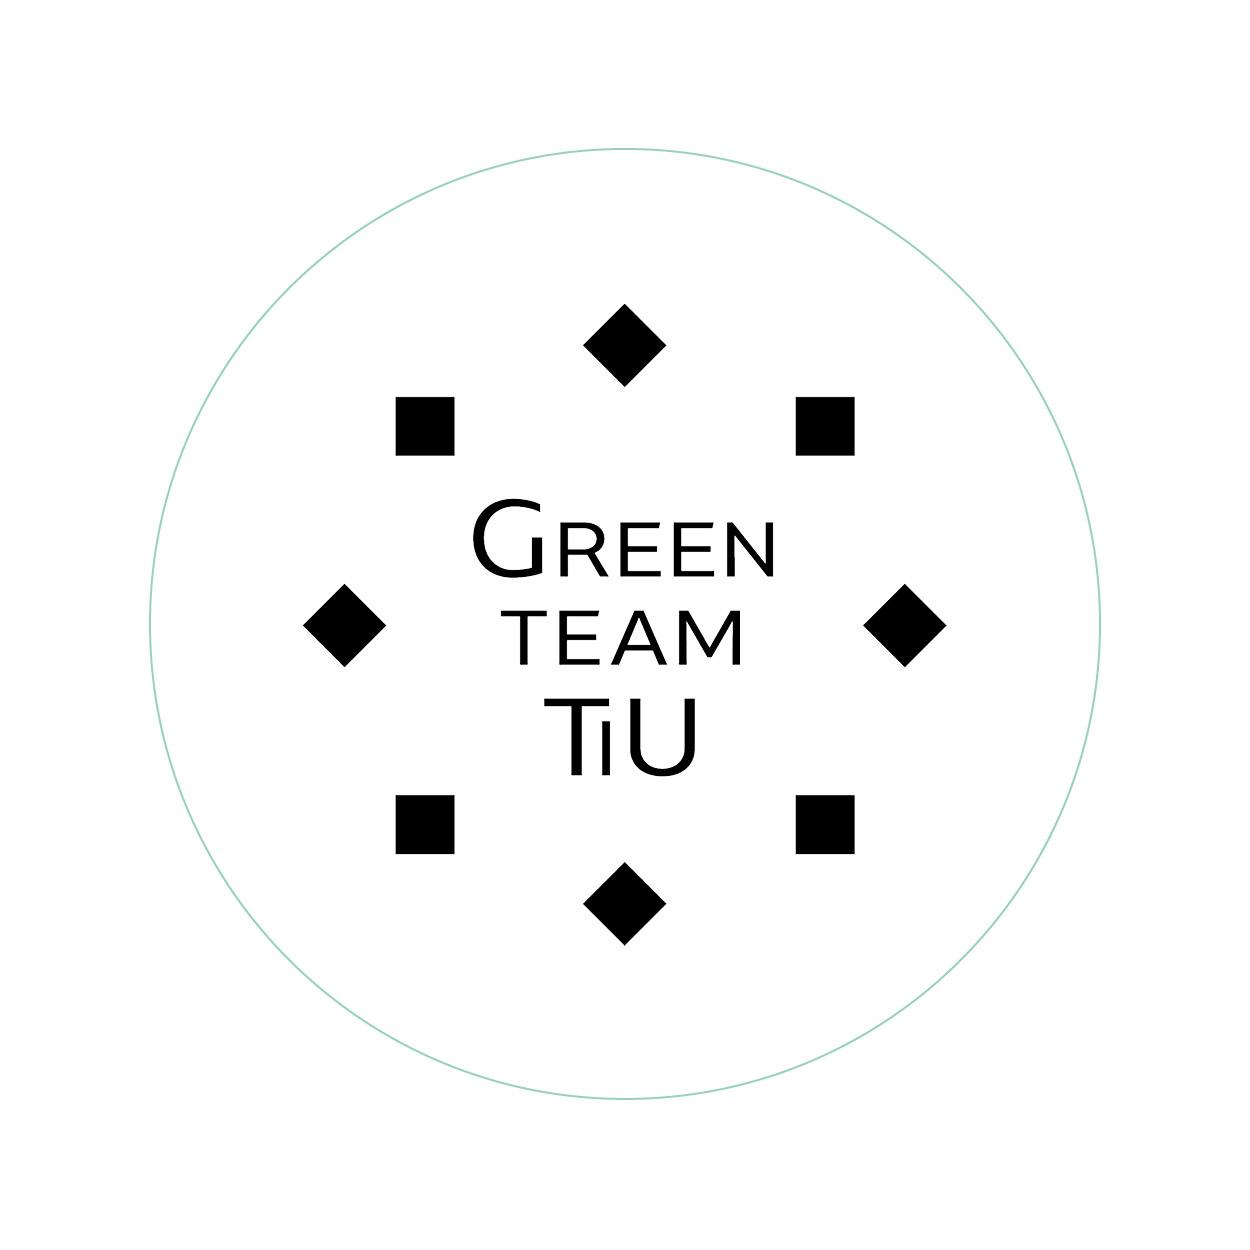 Logo ontwerp - Greenteam TiU - Dots & Lines - Grafisch ontwerp